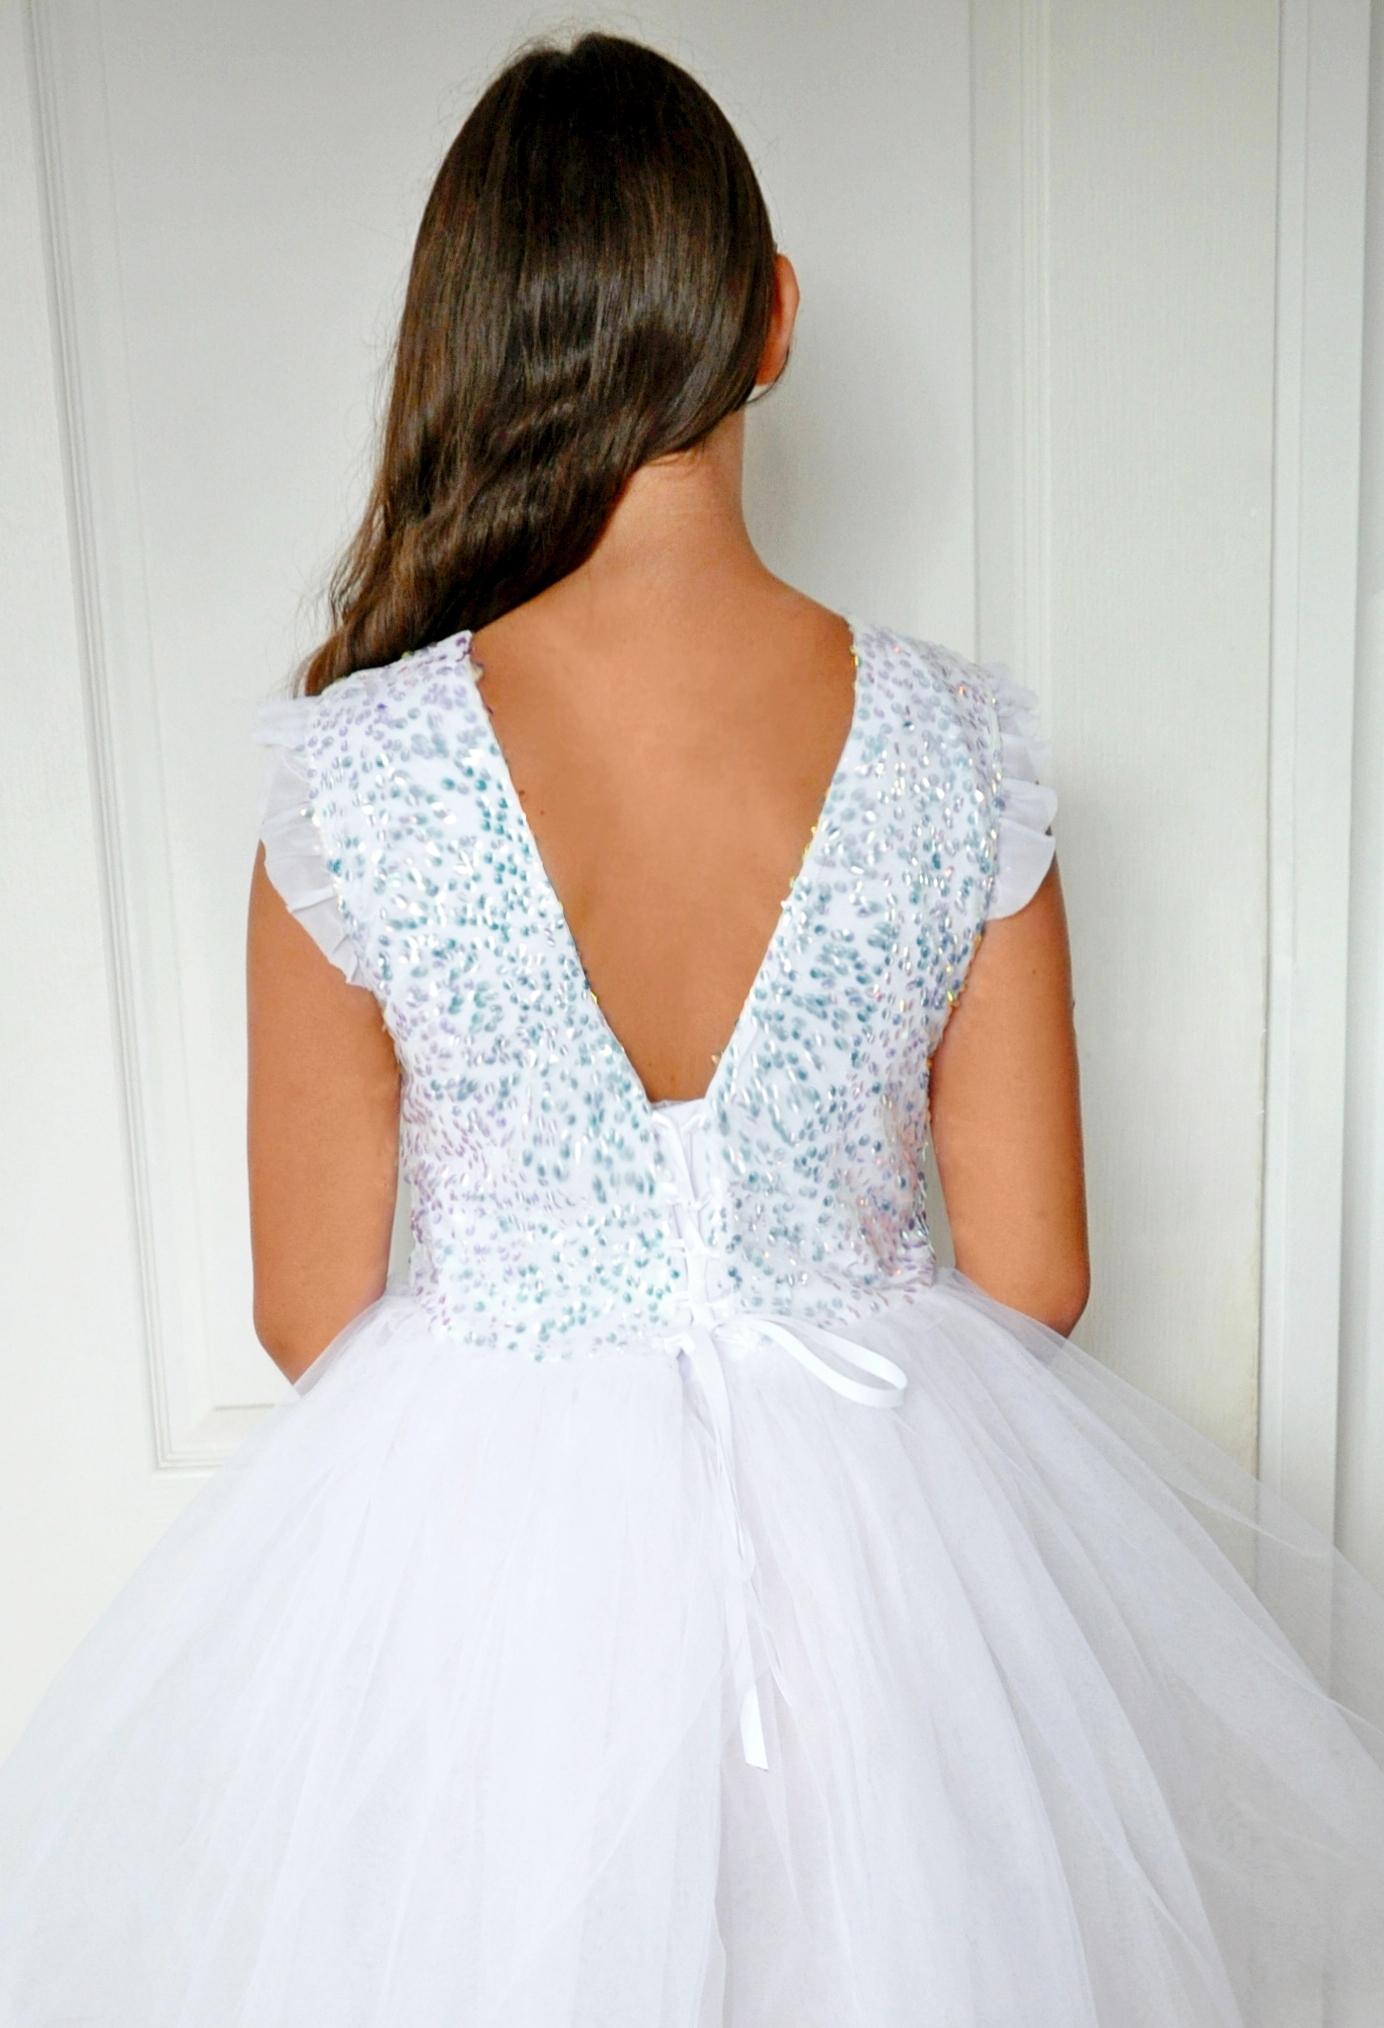 przepiękna suknia dla dziewczynki na wesele dla druhny